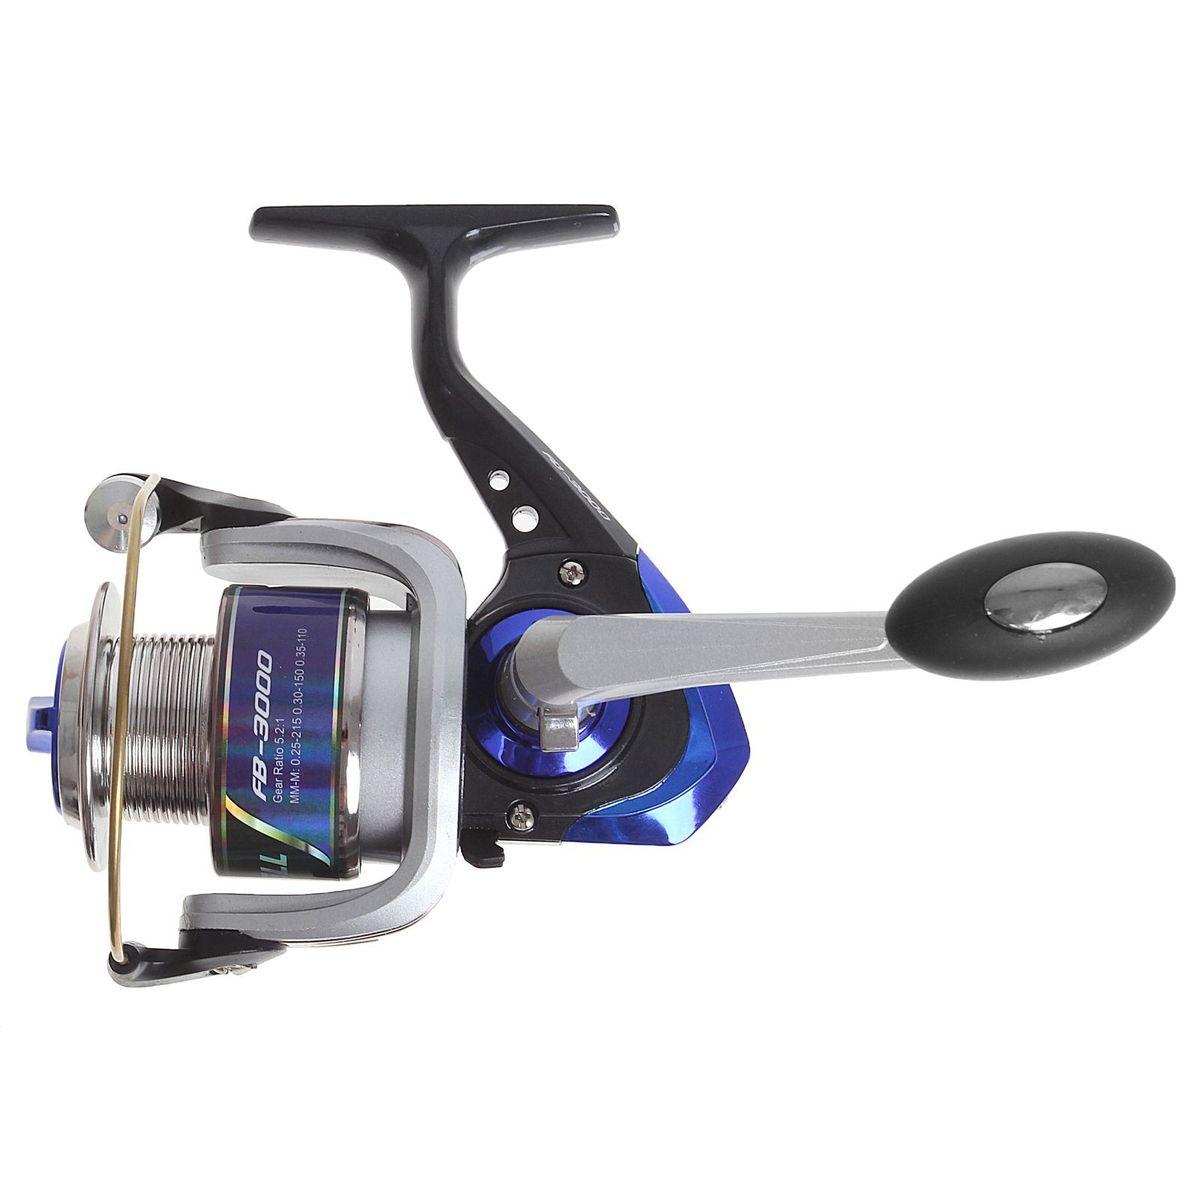 Катушка безынерционная Onlitop 1BB FB 3000, цвет: синий, 1 подшипник1233154Катушка 1BB FB 3000 это универсальная модель «эконом»-класса для разных условий рыбалки, отличный выбор для начинающих рыболовов.